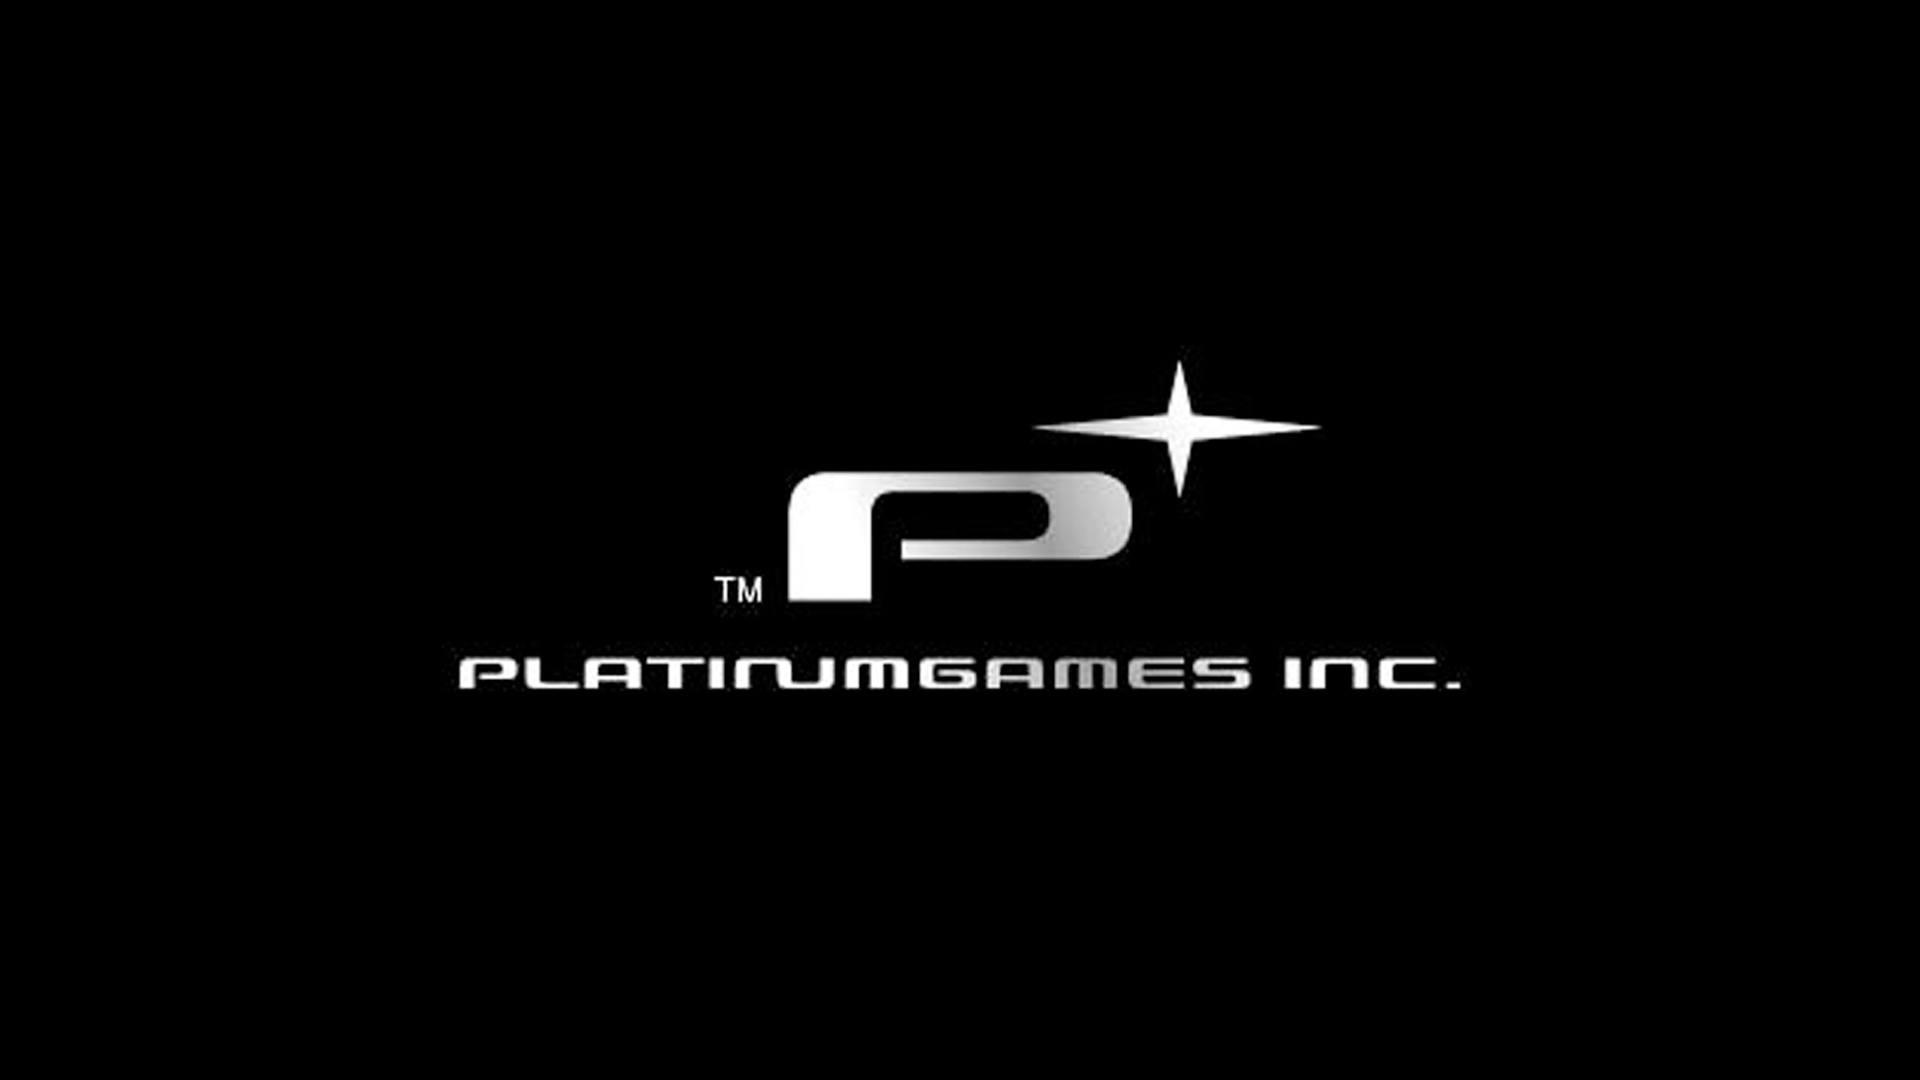 معرفی چهارم پلاتینوم گیمز